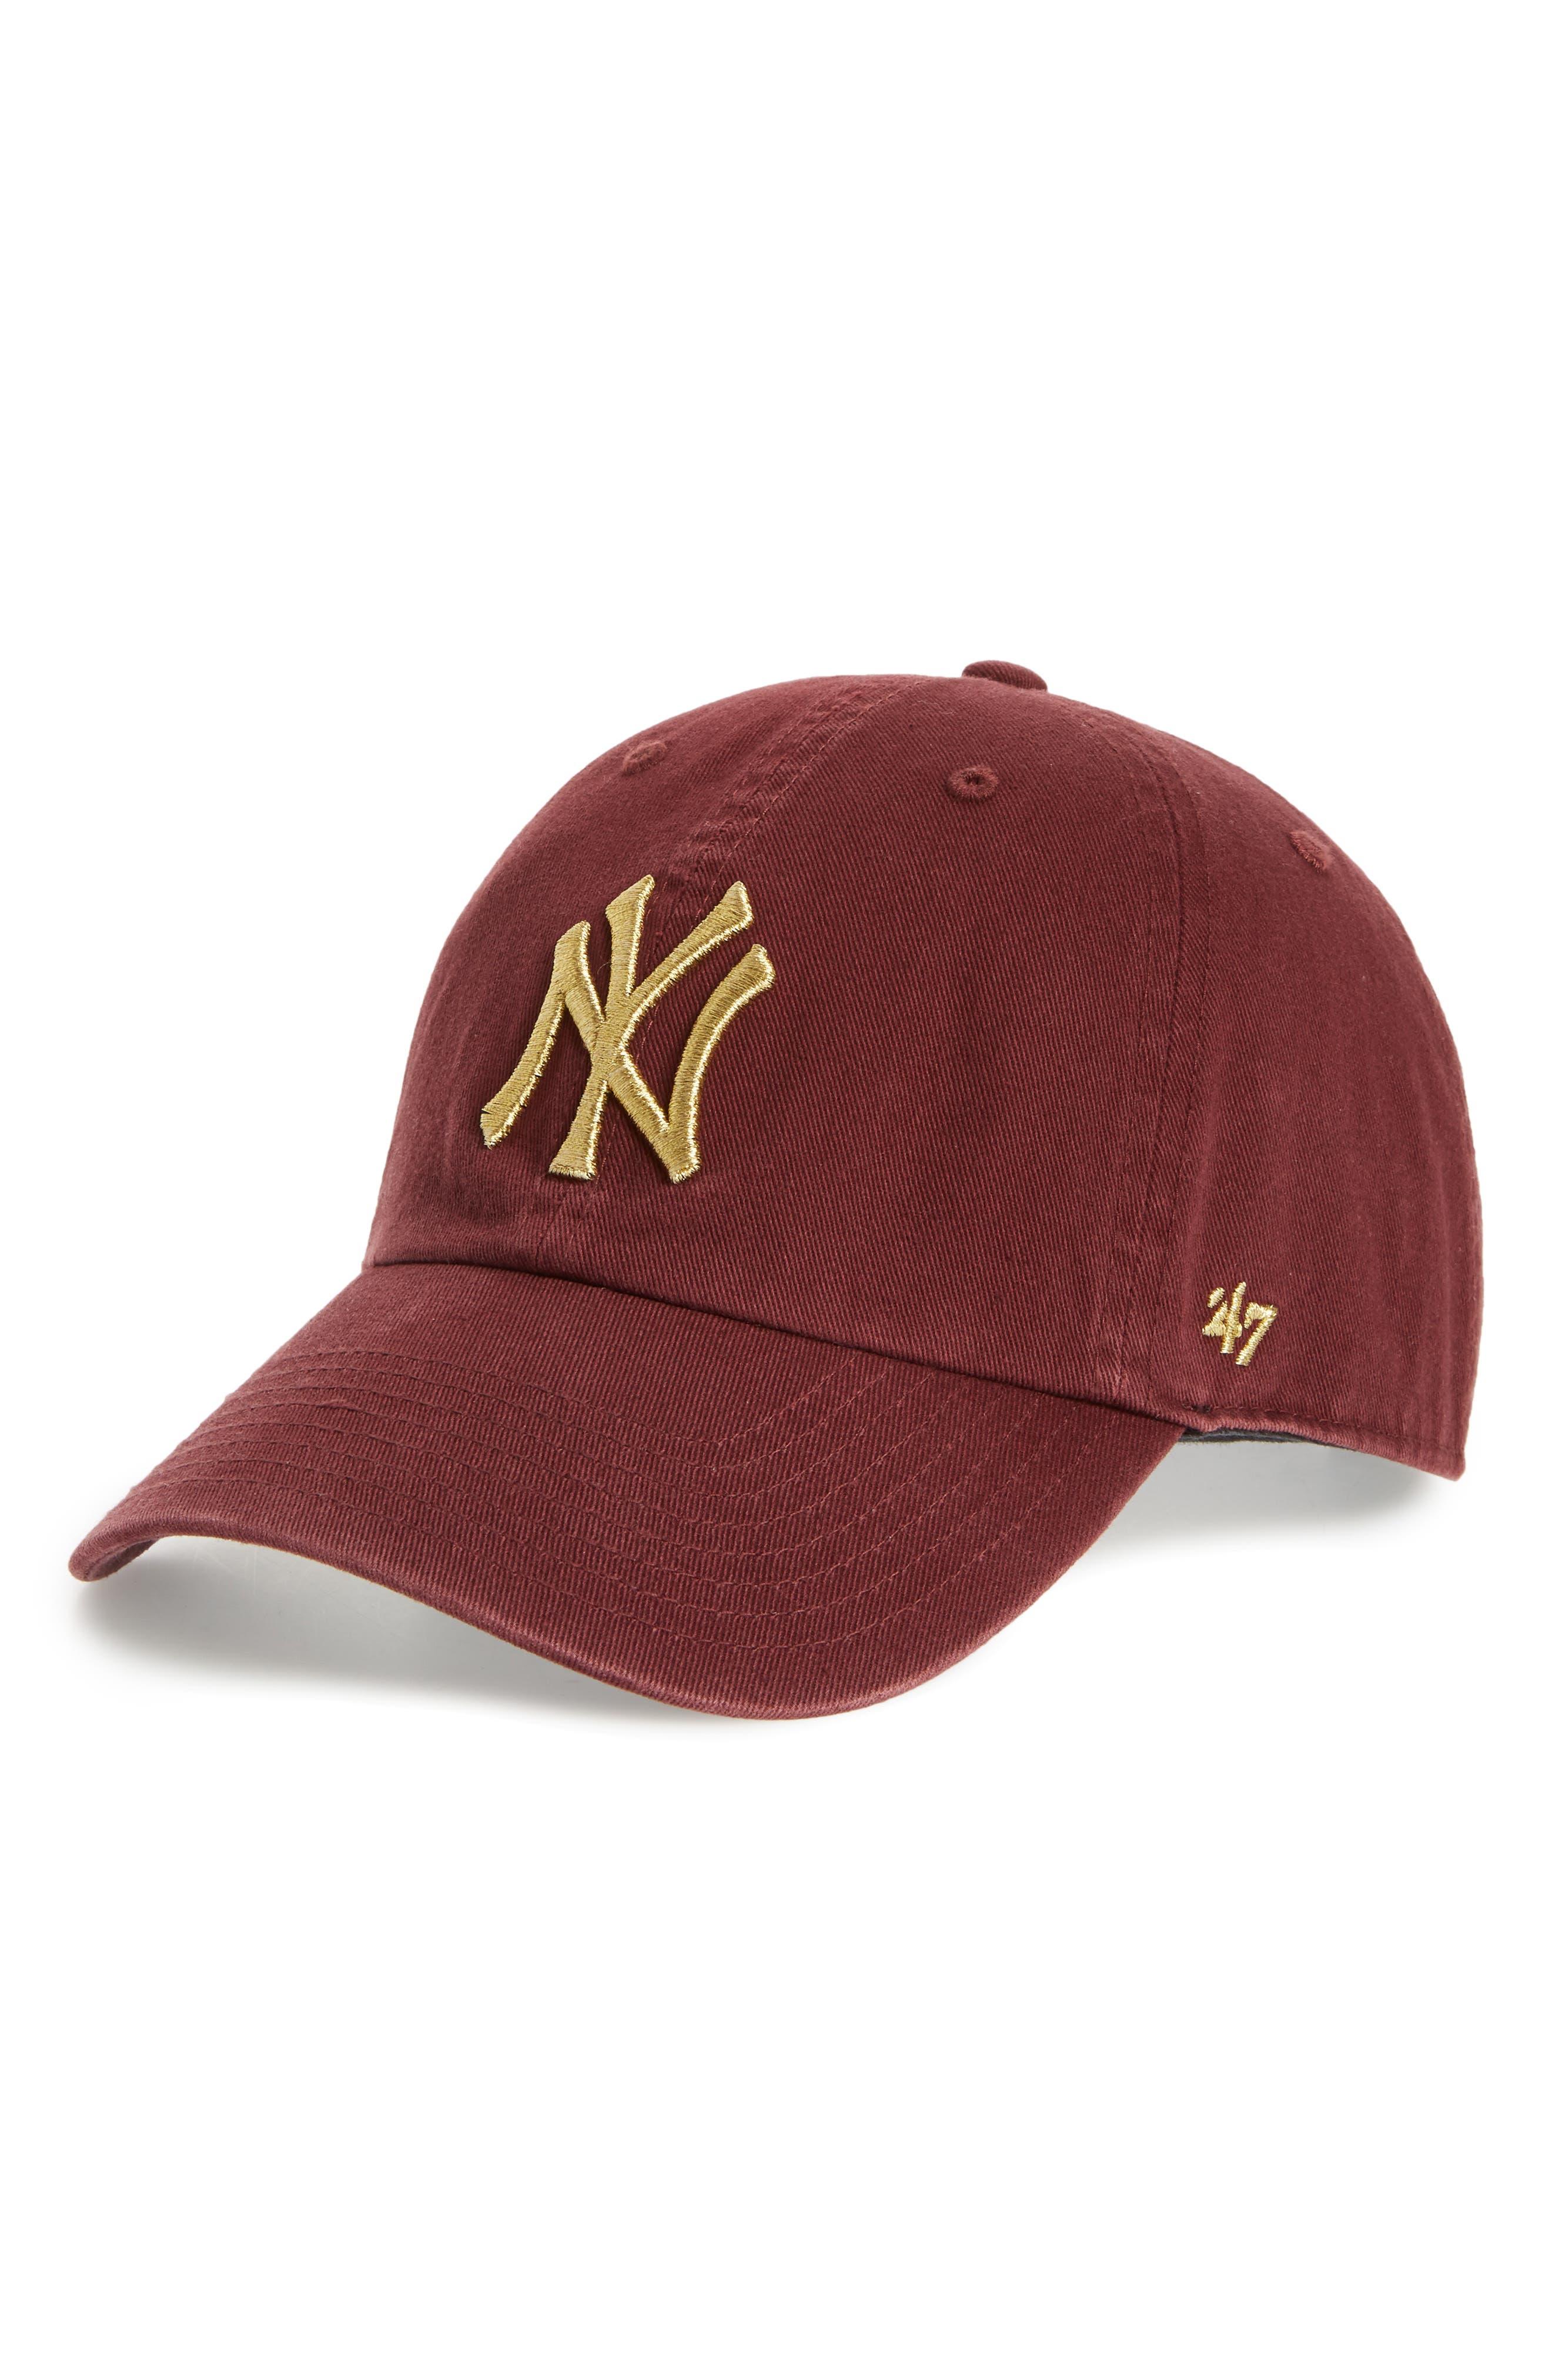 Clean Up New York Yankees Metallic Baseball Cap,                         Main,                         color, Dark Red